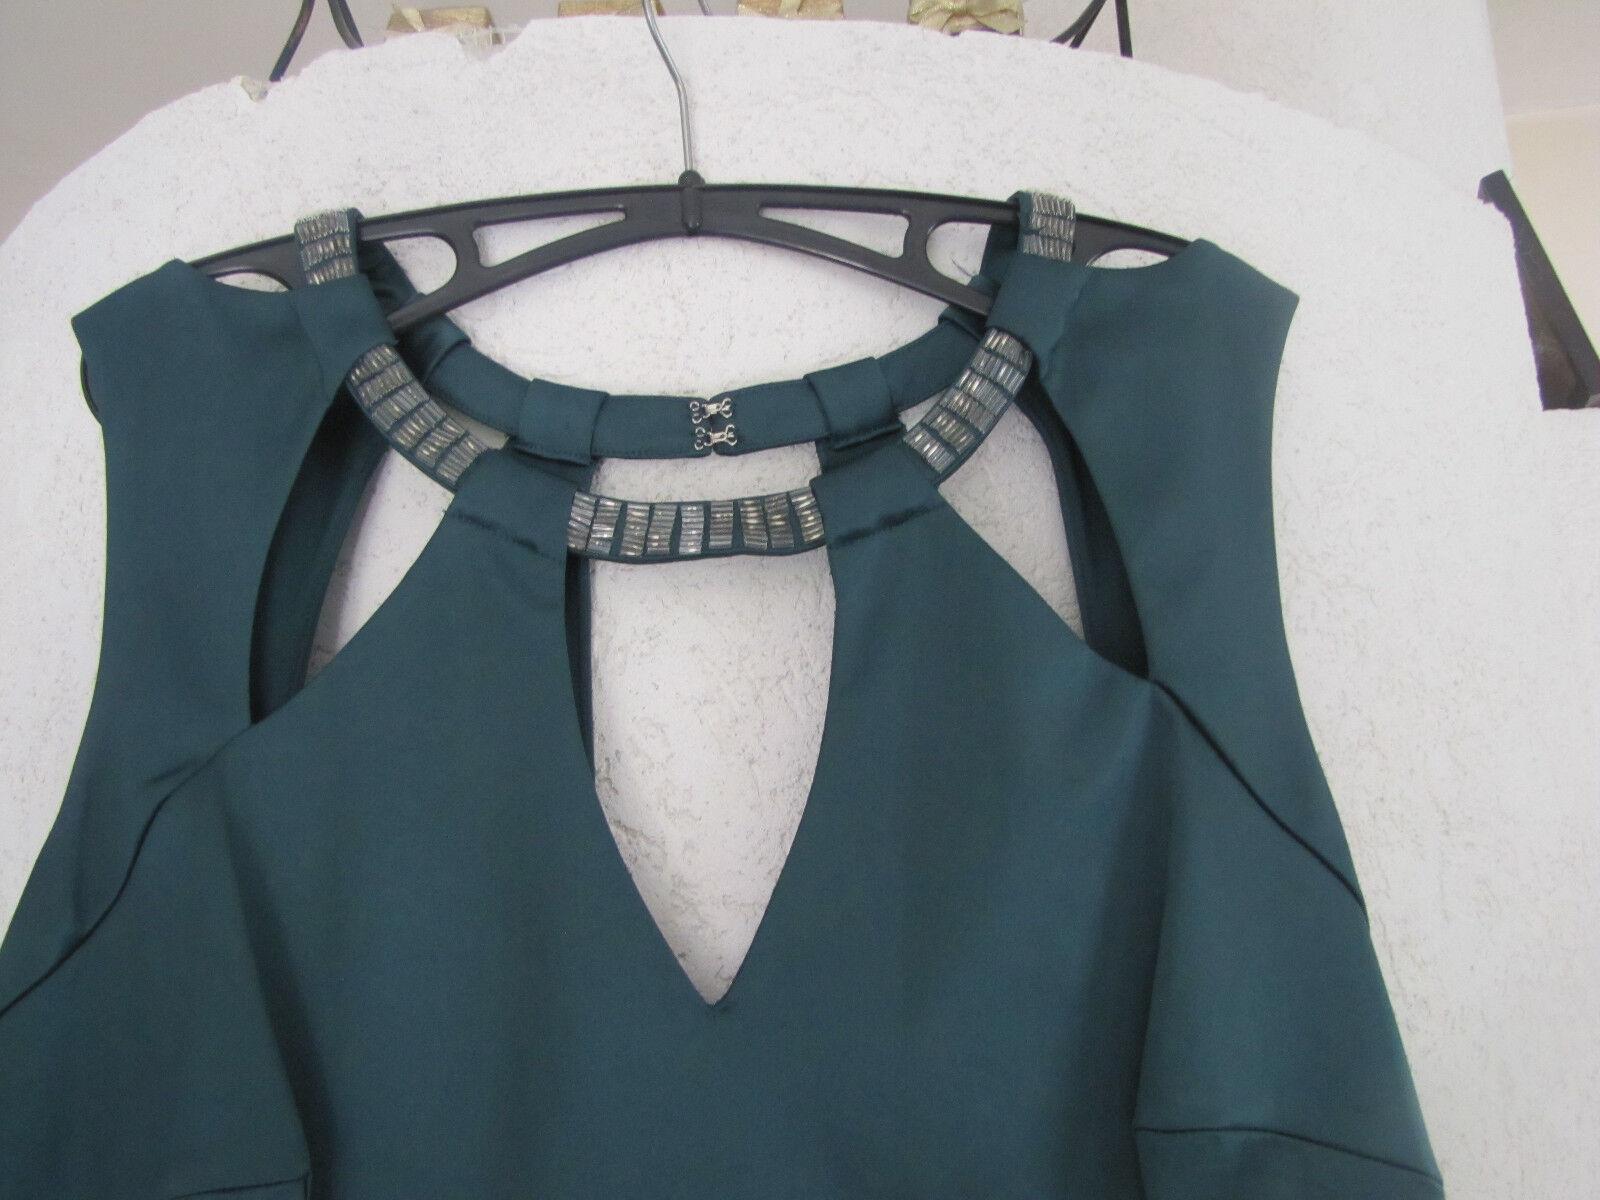 46 Début designer Ball Kleid Grün Satin schön ausgefallen einmalig Maße beachten